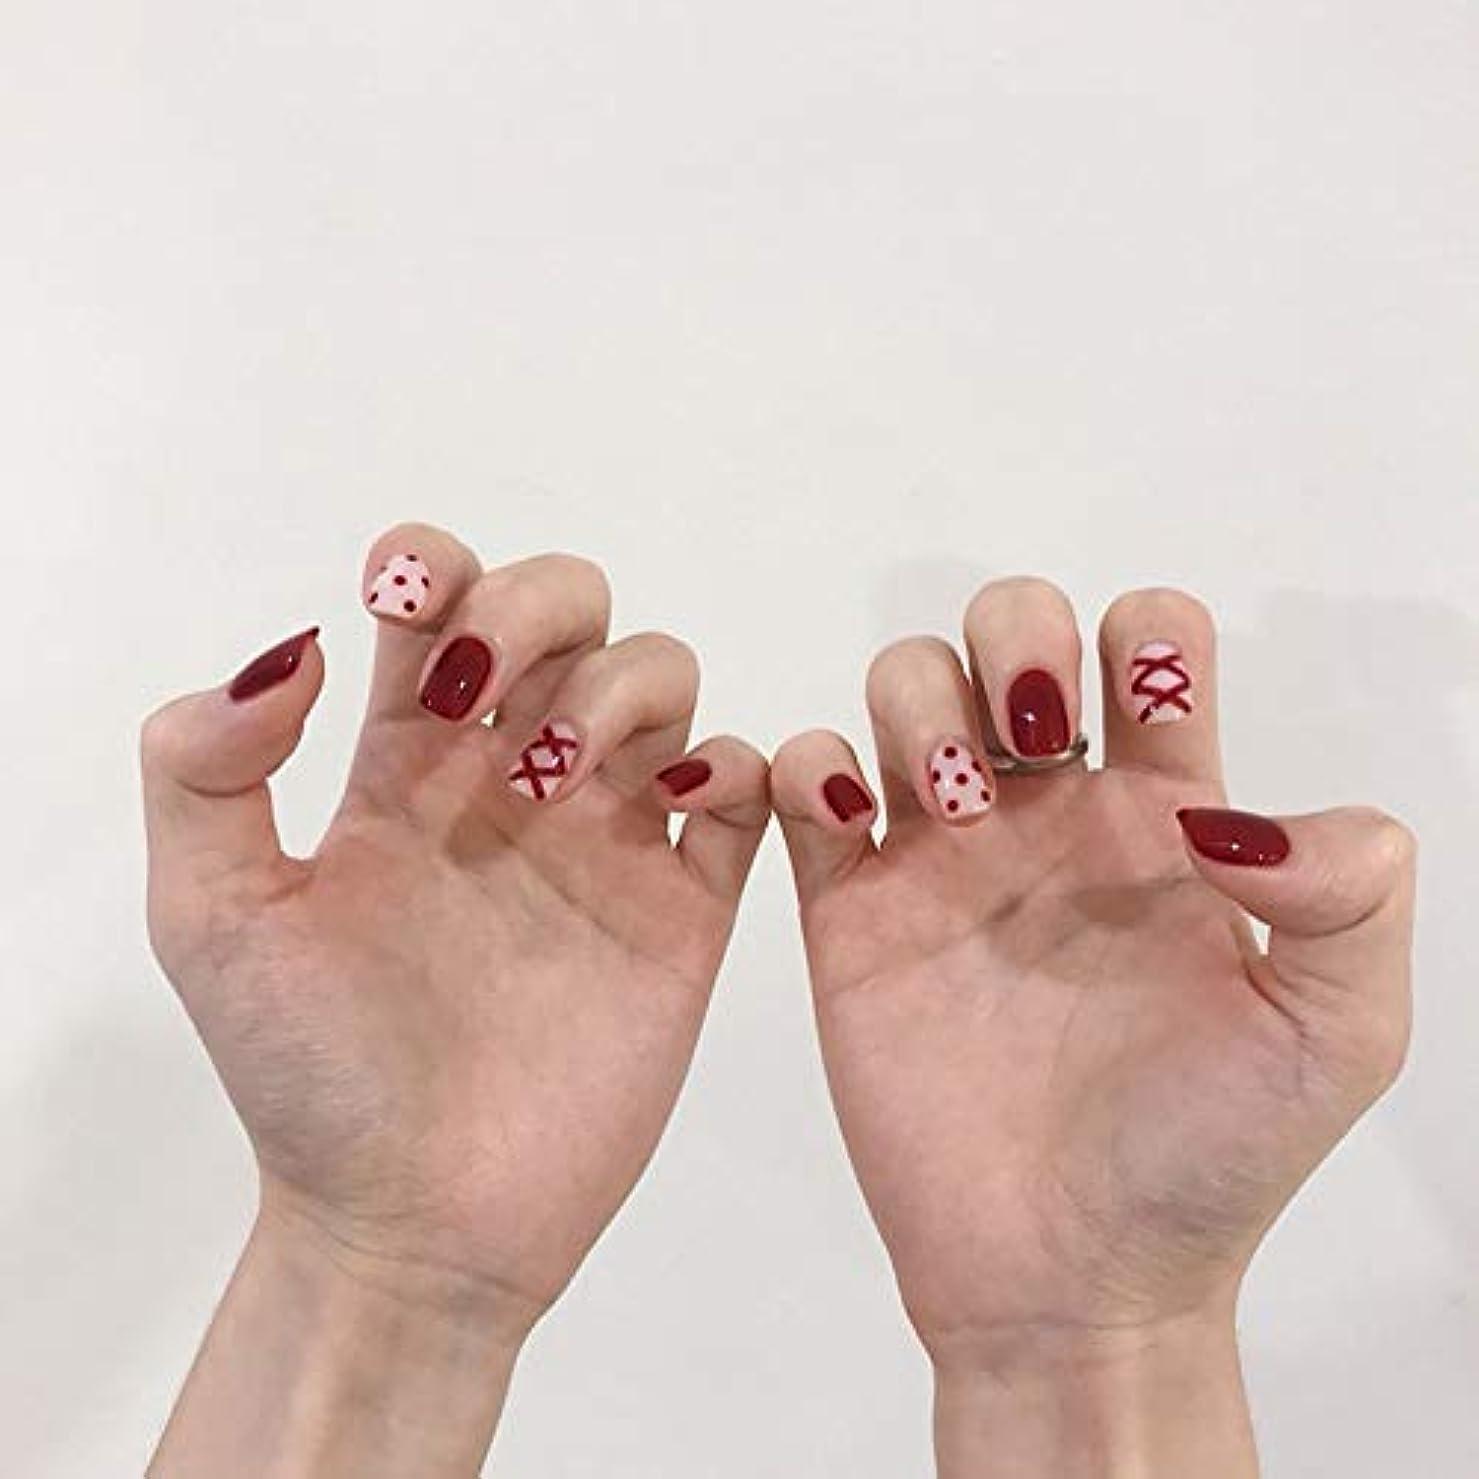 ライオンコスチューム刺すNANNAN ネイルチップ ネイルチップ 手作りネイルチップ ネイルジュエリー つけ爪 24枚入 フルチップ シンプル 結婚式、パーティー、二次会などに ネイルアート 赤